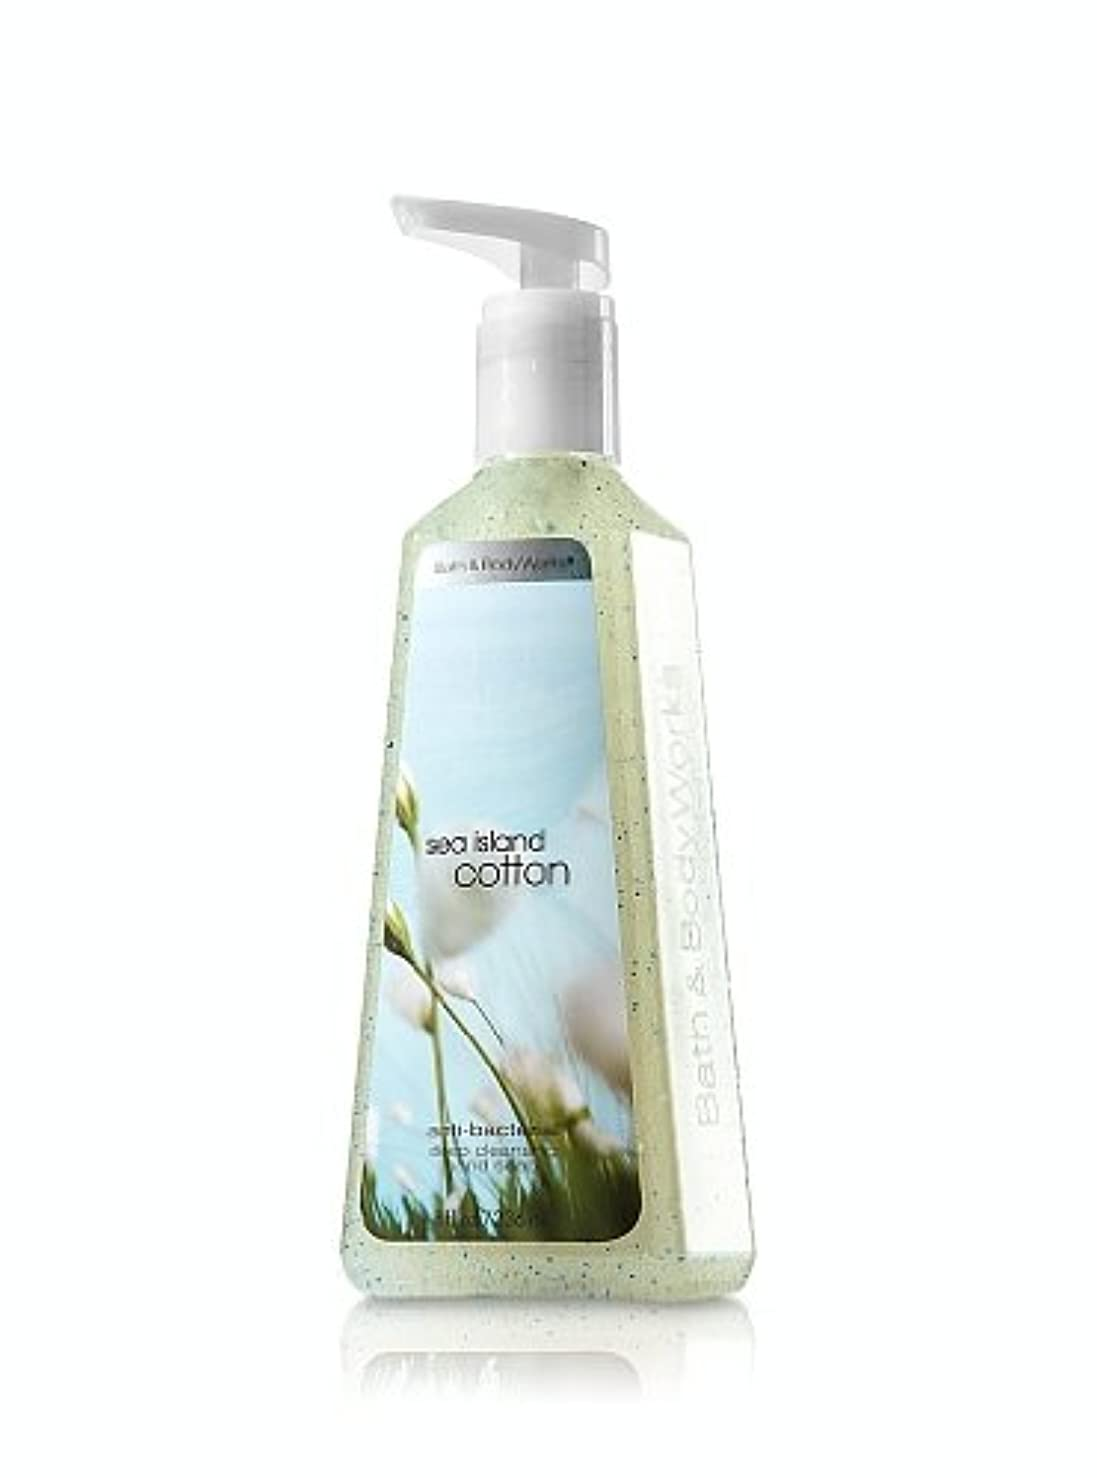 眩惑する熱永続バス&ボディワークス シーアイランドコットン ディープクレンジングハンドソープ Sea Island Cotton Deep Cleansing Hand Soap [並行輸入品]